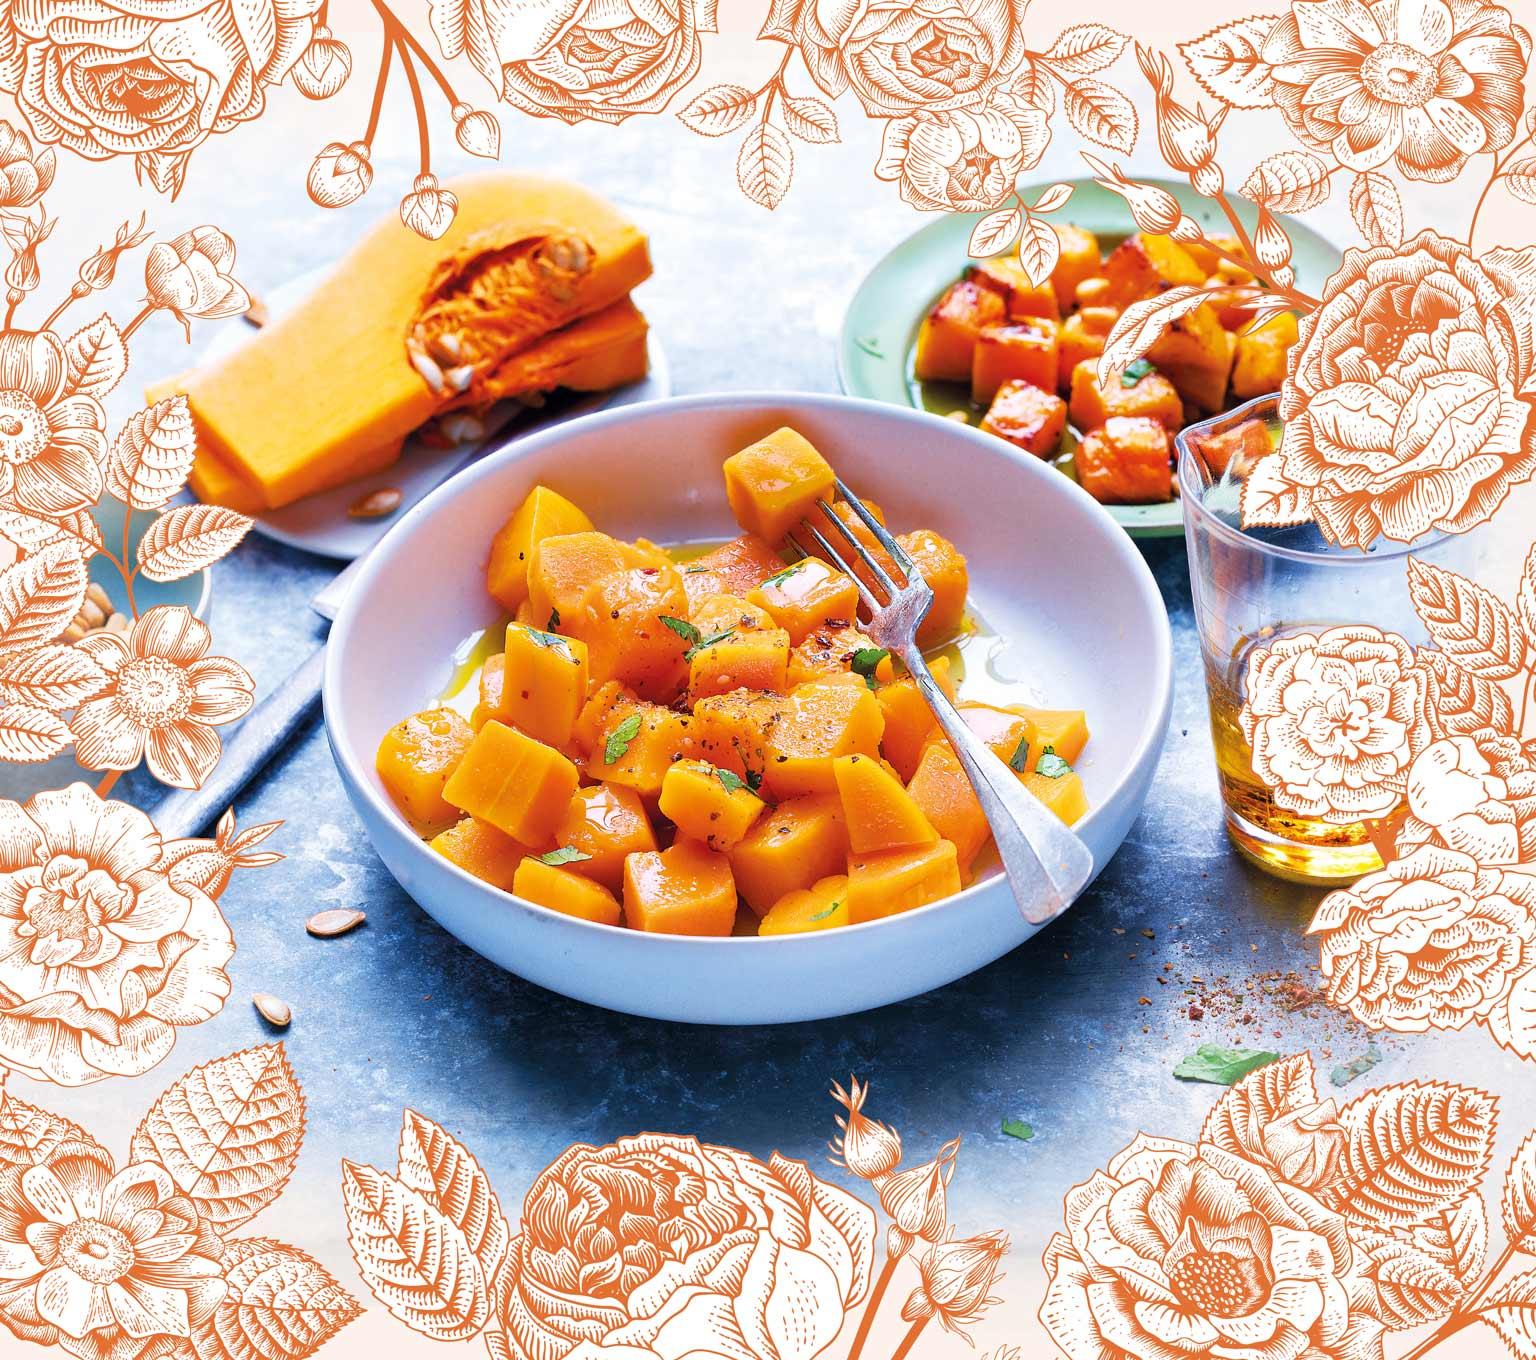 Maison Thiriet : n'oubliez pas les légumes oubliés !